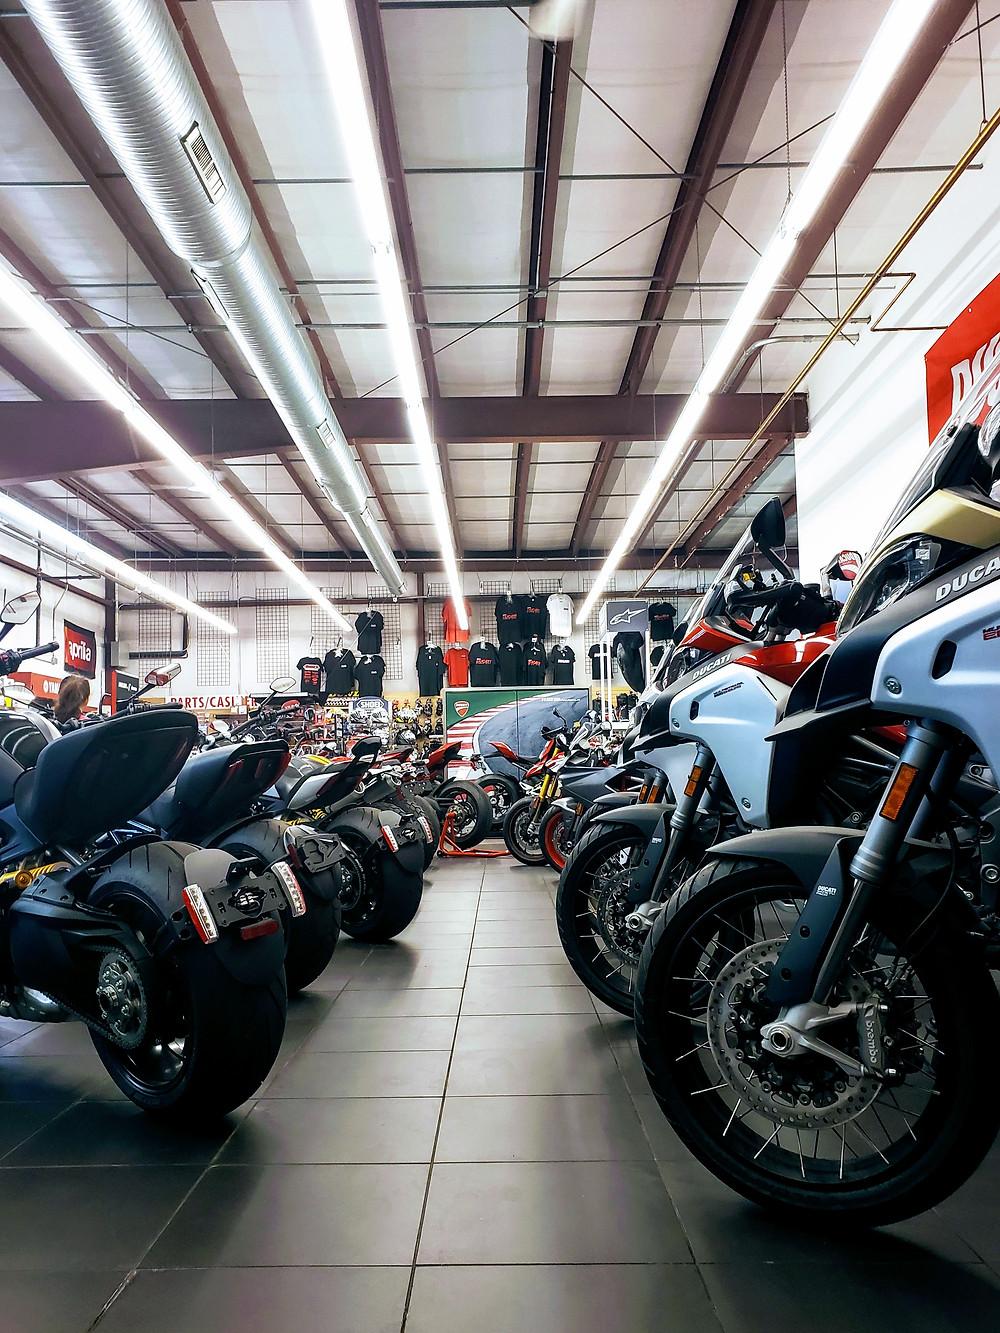 Image of motorcycle dealership showroom